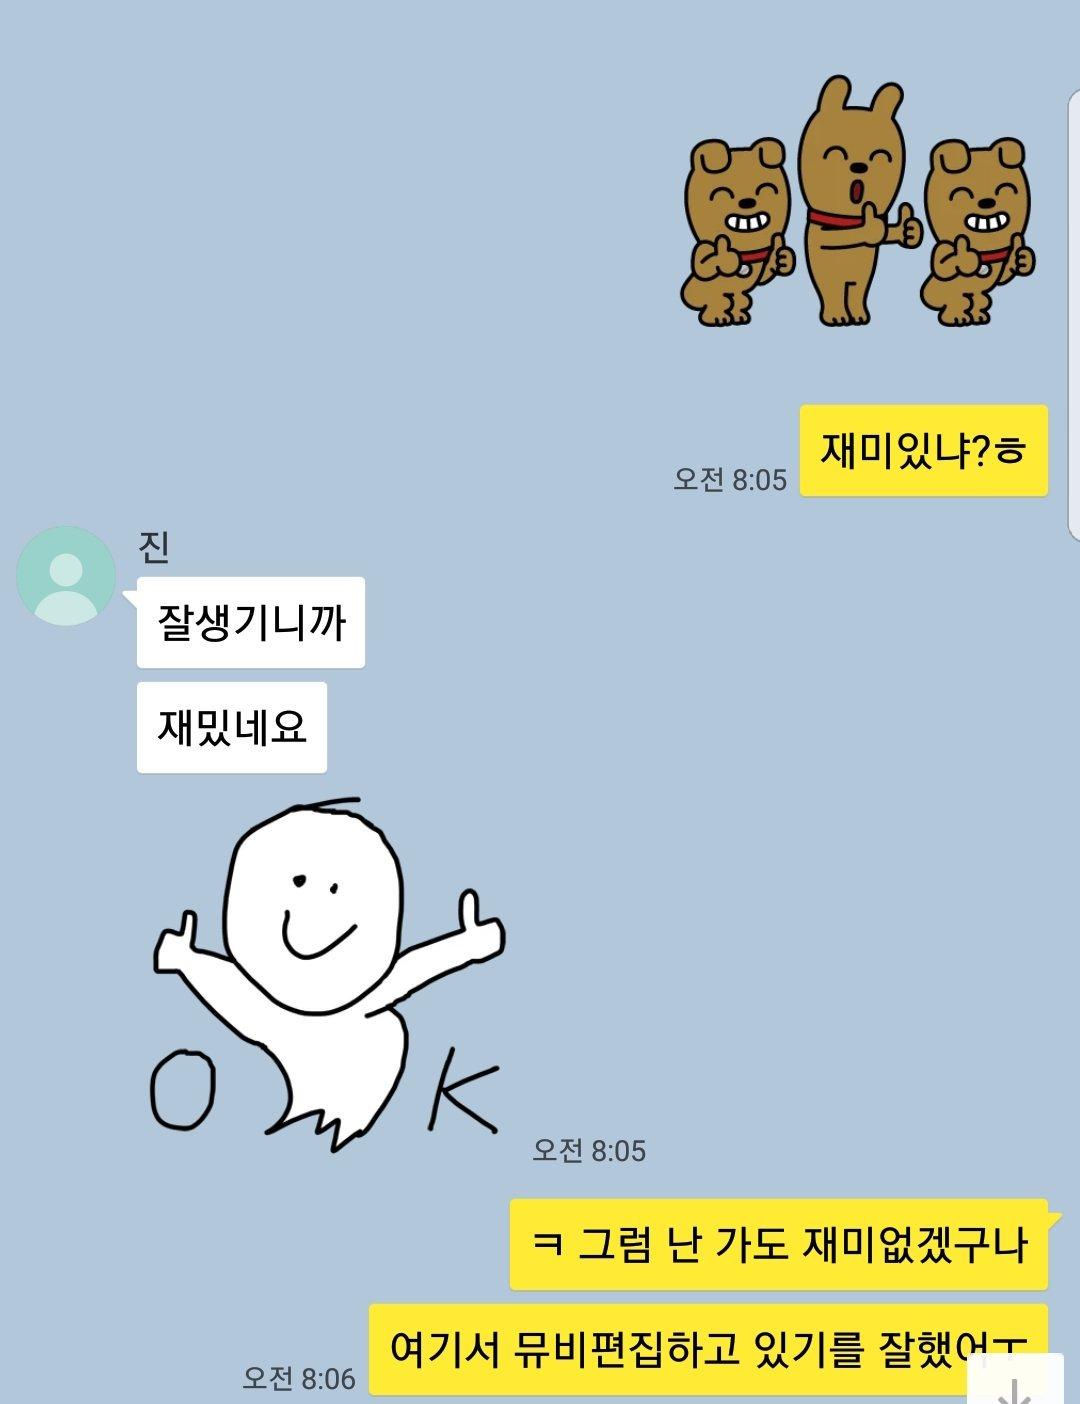 #BBMAs #방탄소년단 #BTS_BBMAs https://t.co/i2iLSSCLaO